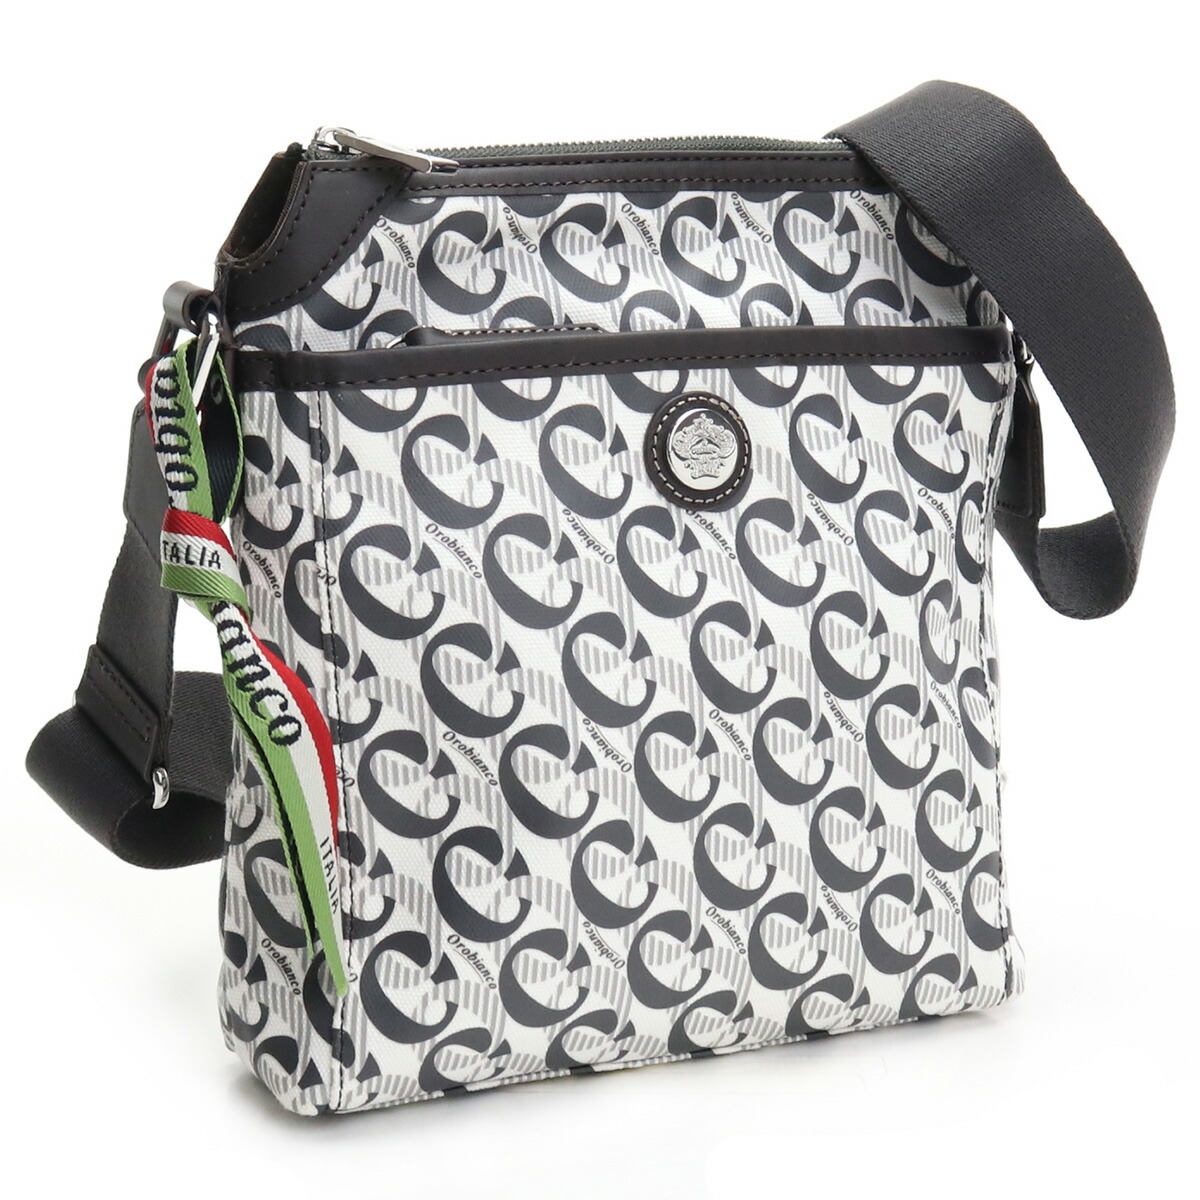 オロビアンコ OROBIANCO  斜め掛け ショルダーバッグ ブランドバッグ CITTADIA 19 MONOGRAM PRINT-ASH B ホワイト系 グレー系 bag-01